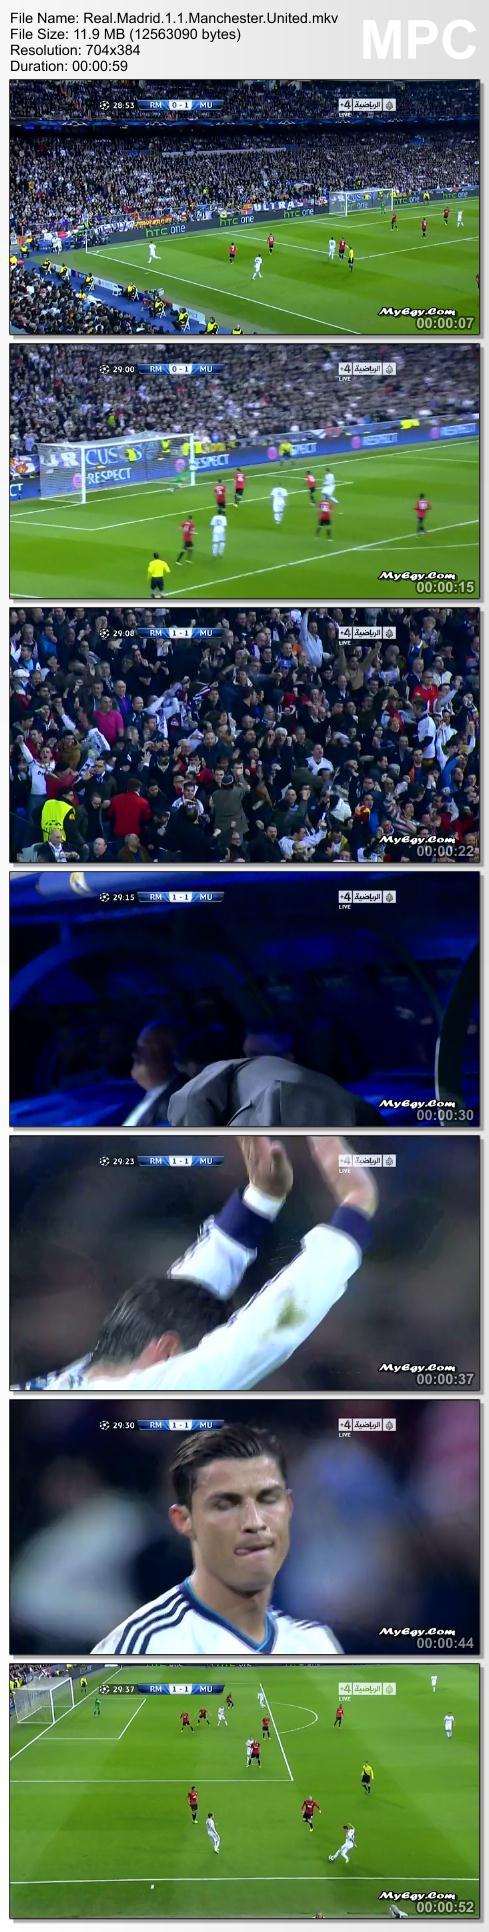 حصريا اهداف مباراتي ريال مدريد × مانشستر يونايتد & شاختار × بوروسيا دورتموند في بطولة دوري ابطال اوروبا  Real_m10